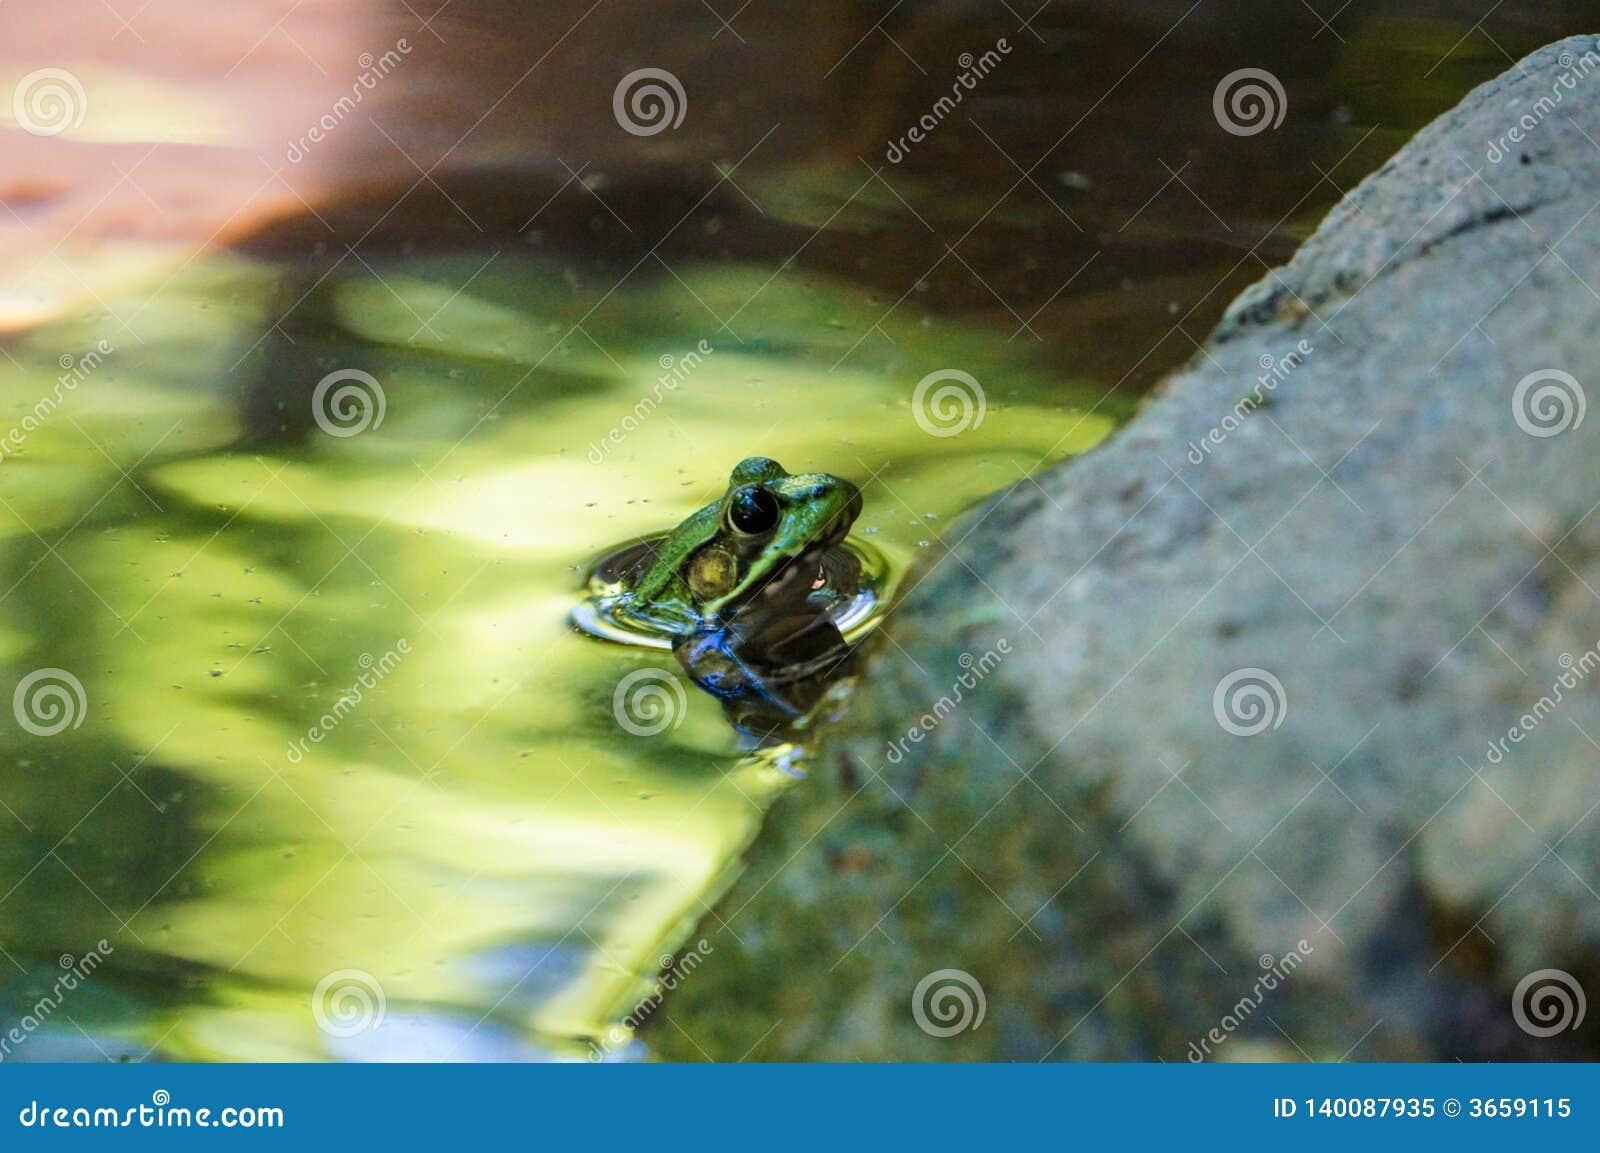 Grüner Frosch mit blauen Augen im grünen Wasser